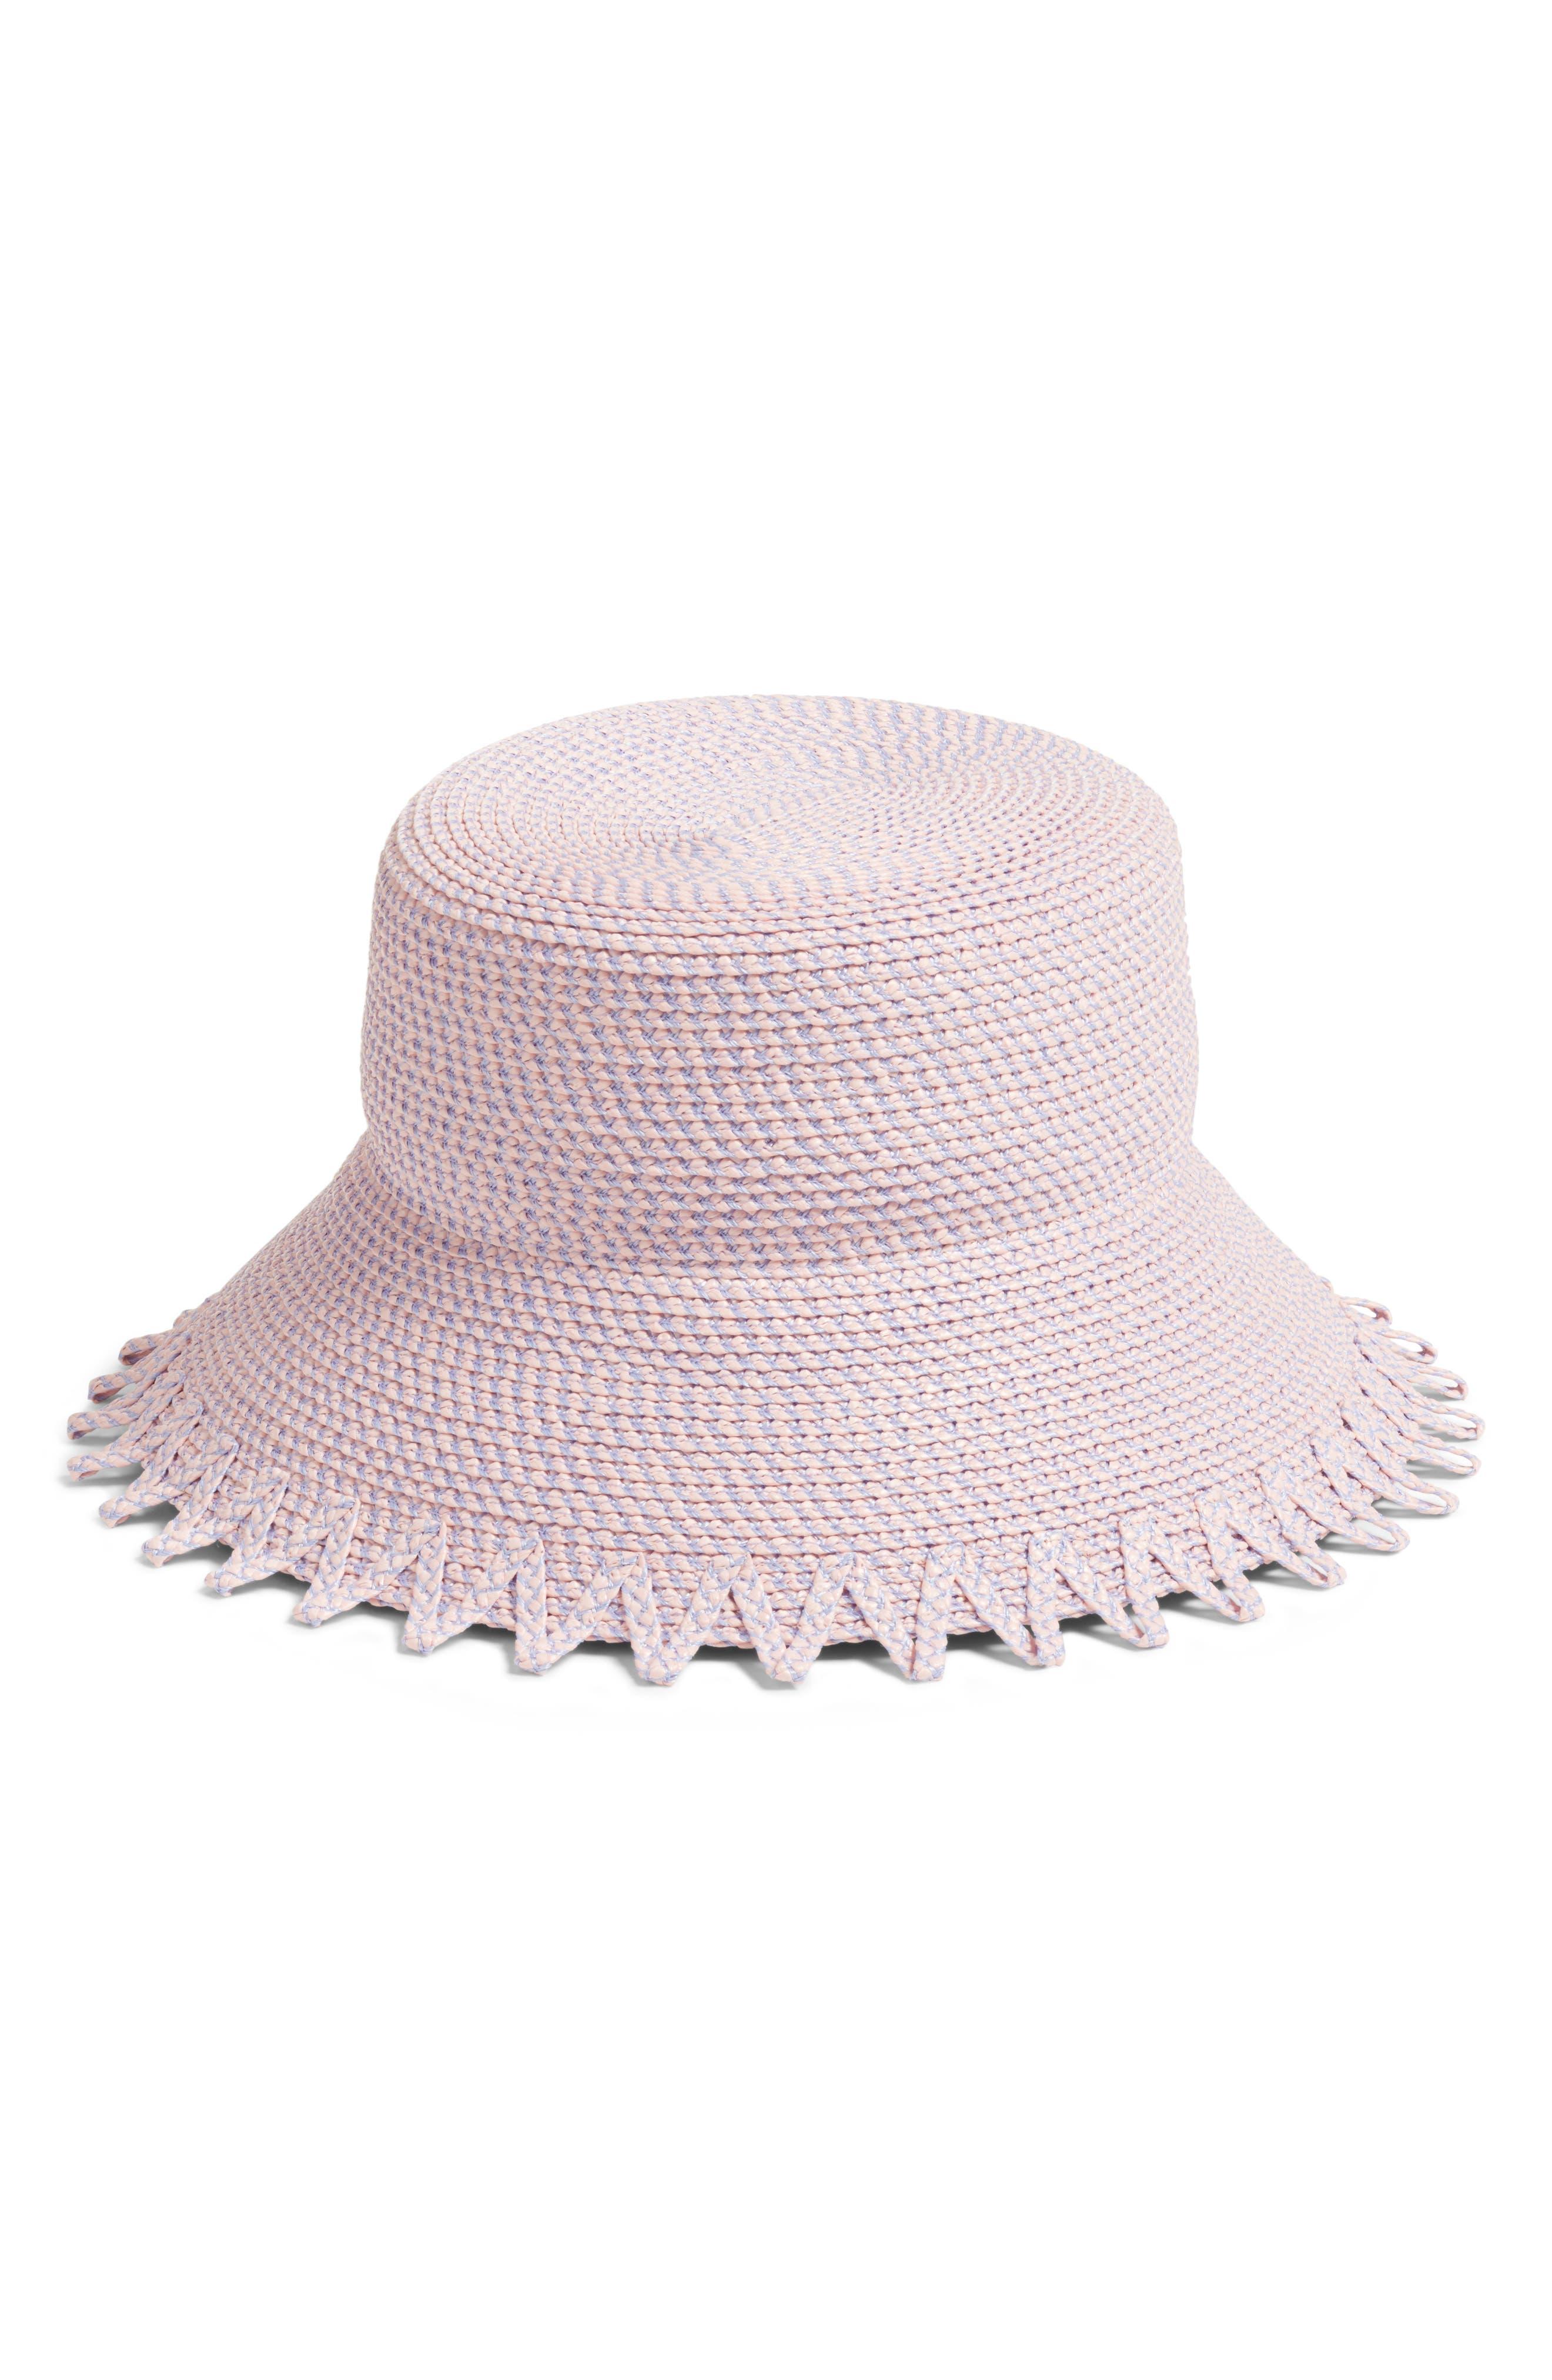 ELOISE SQUISHEE BUCKET HAT - PINK